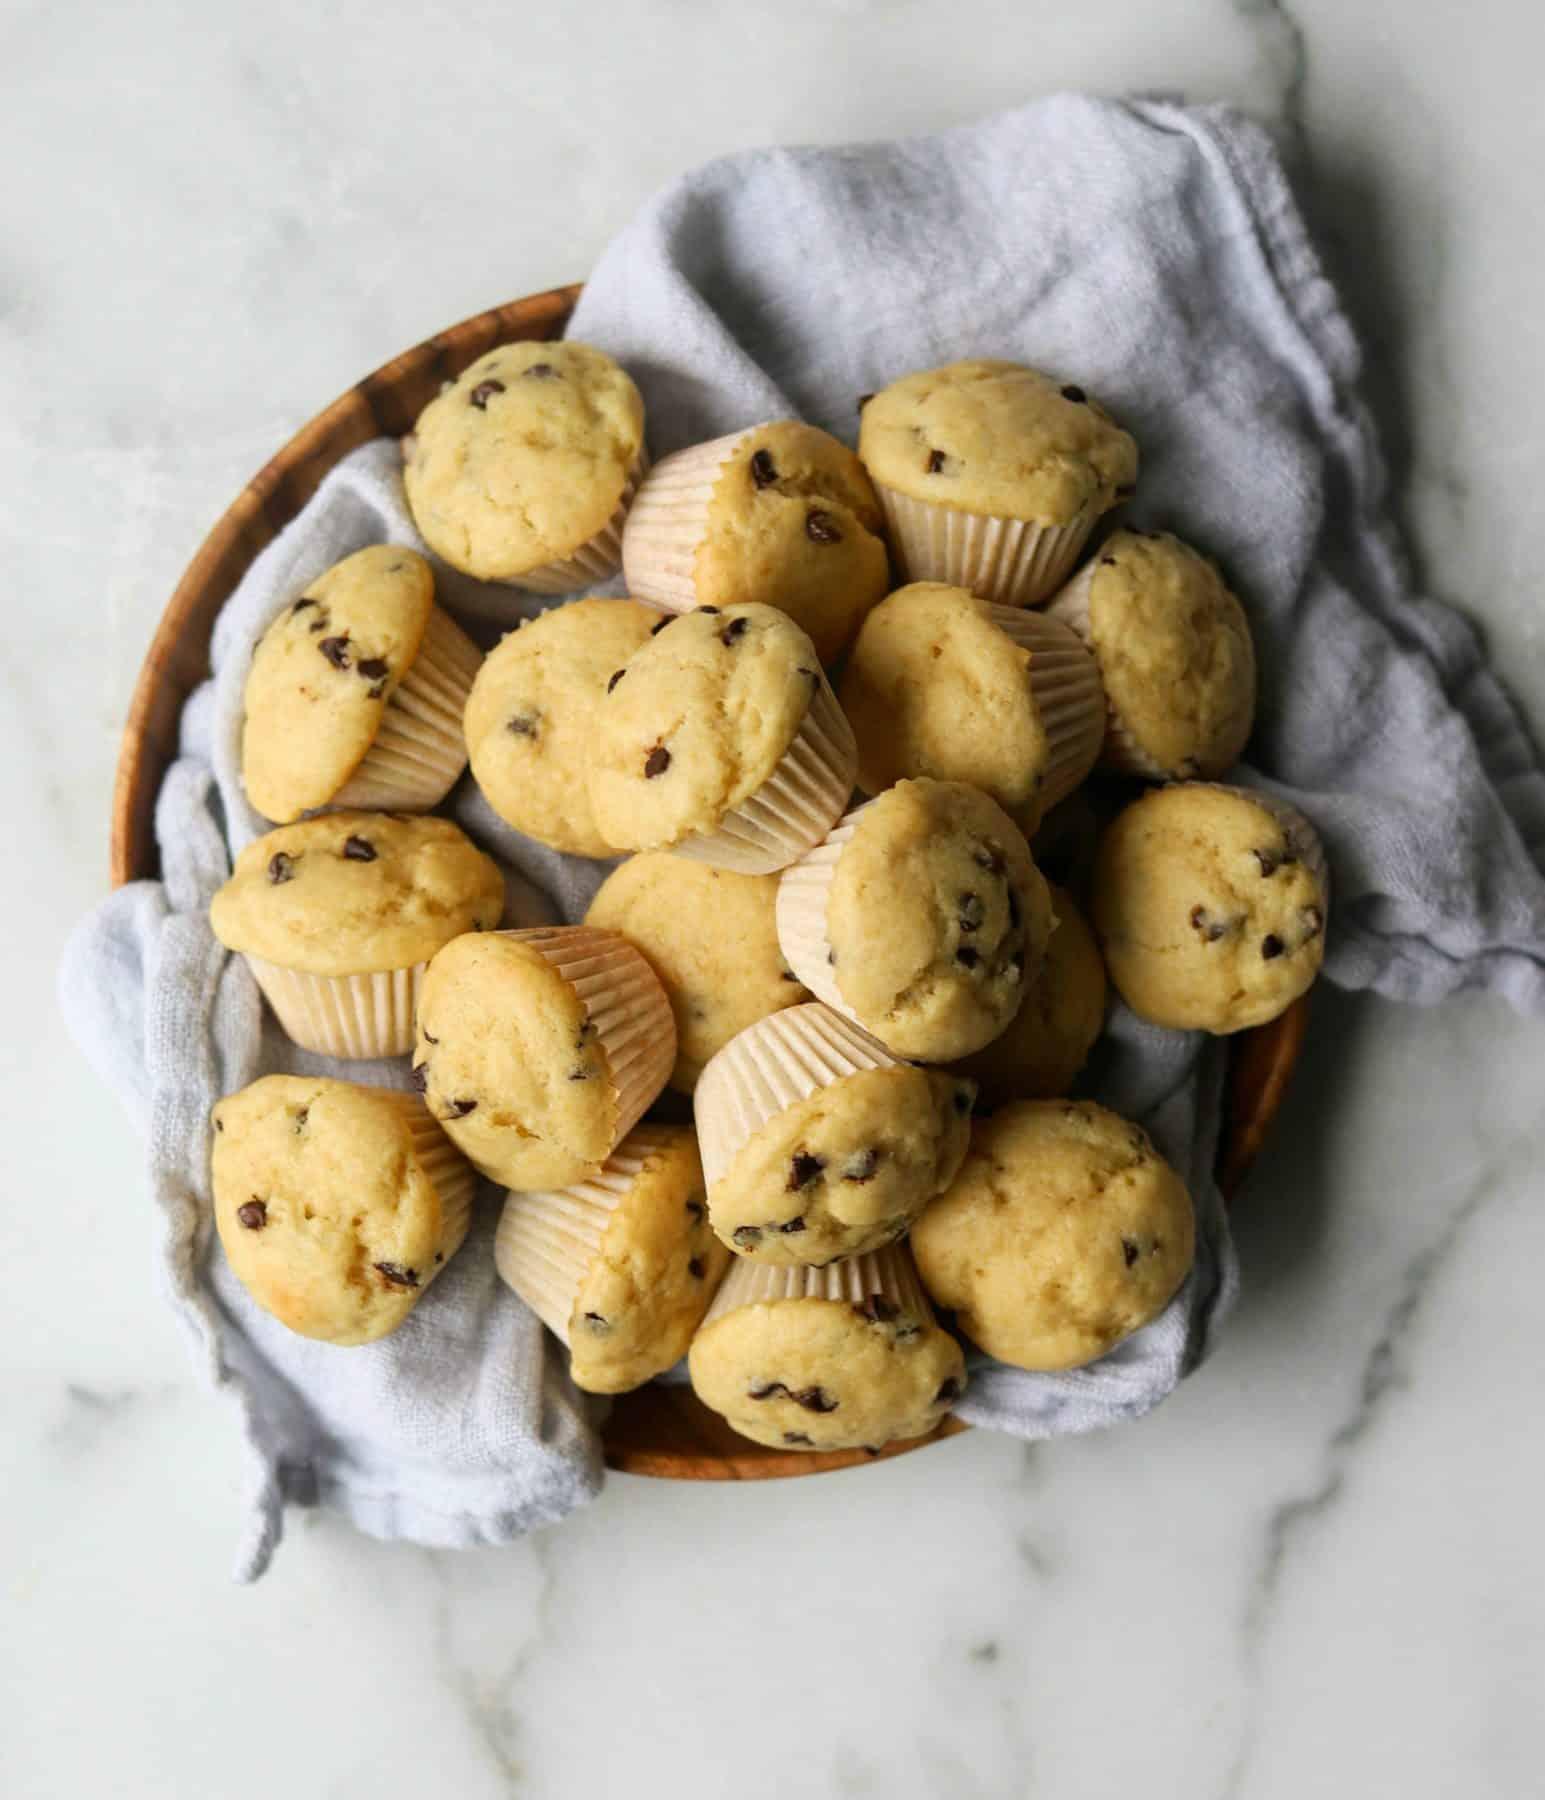 Mini muffins in a basket.